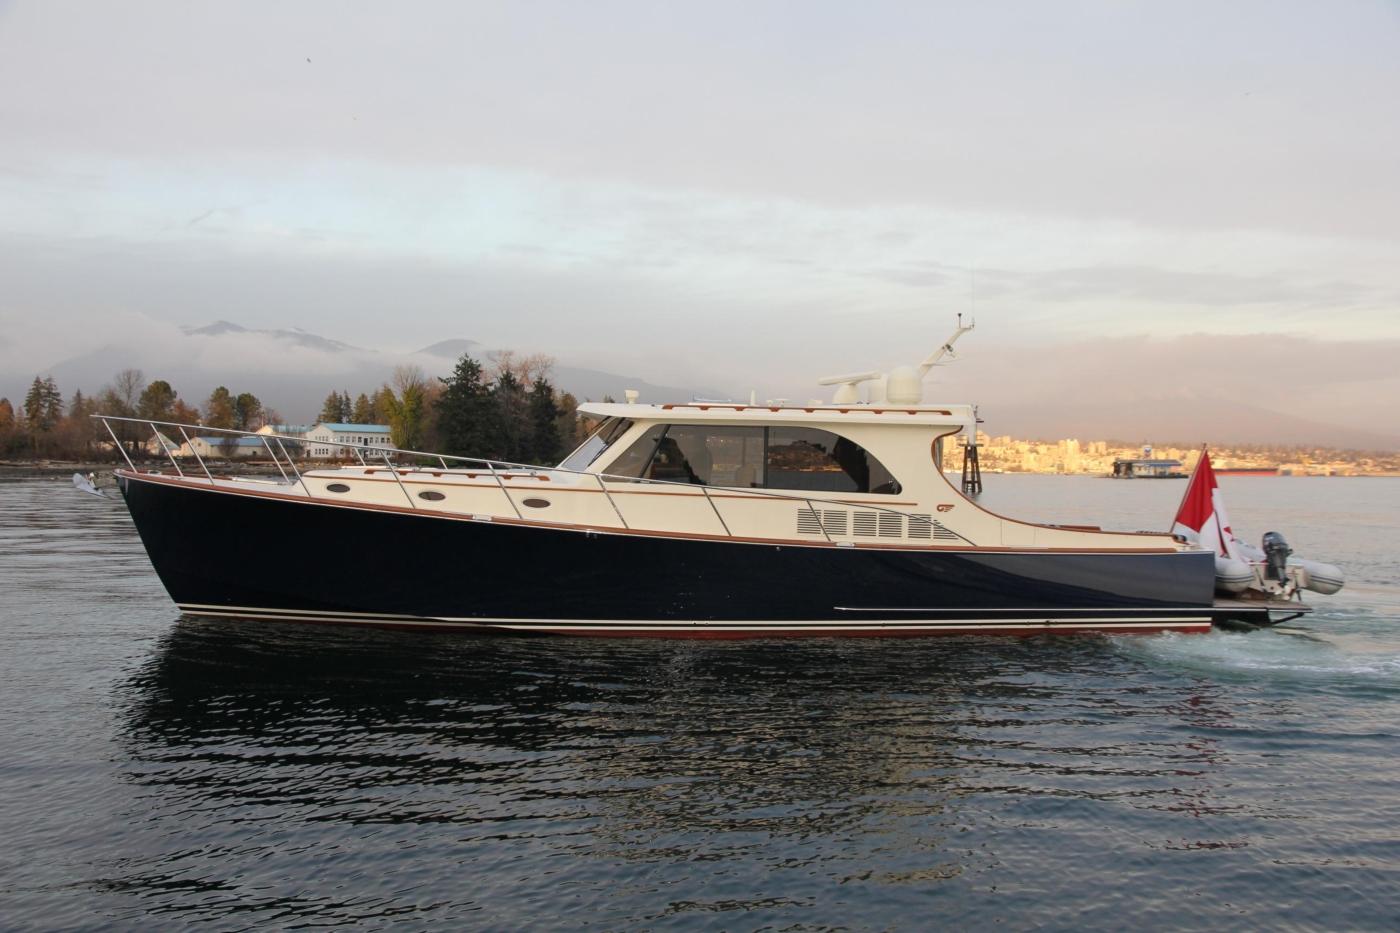 2018 Hinckley Talaria 48 MKII, Port profile